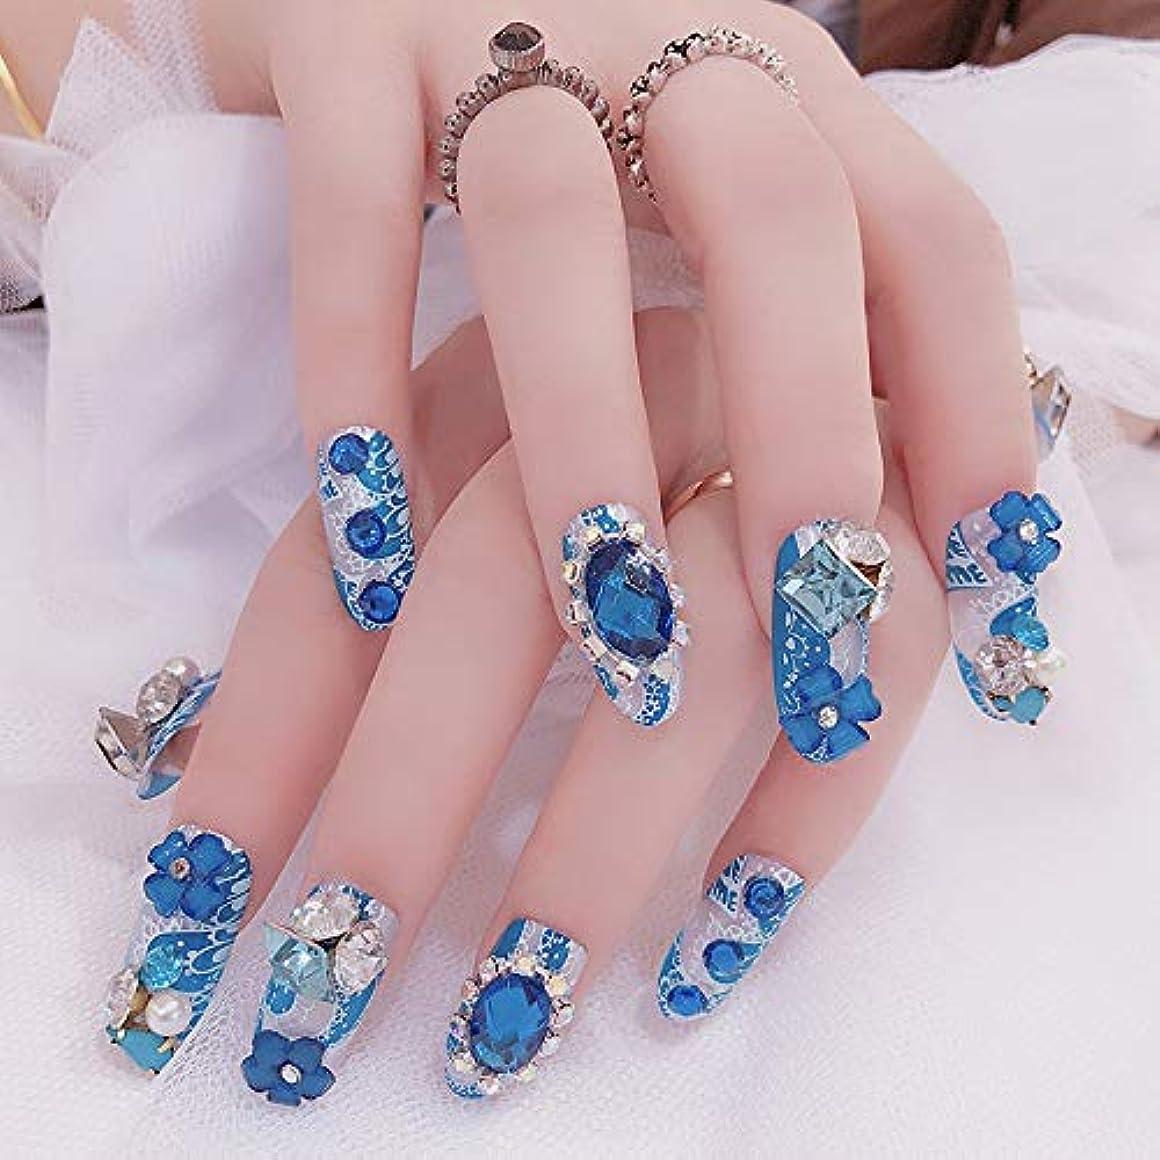 豪华なつけ爪 眩しいつけ爪 ネイルチップ ブルー ラインストーンリボンが輝く 24枚組セット 結婚式、パーティー、二次会などに ネイルアート (AF03)